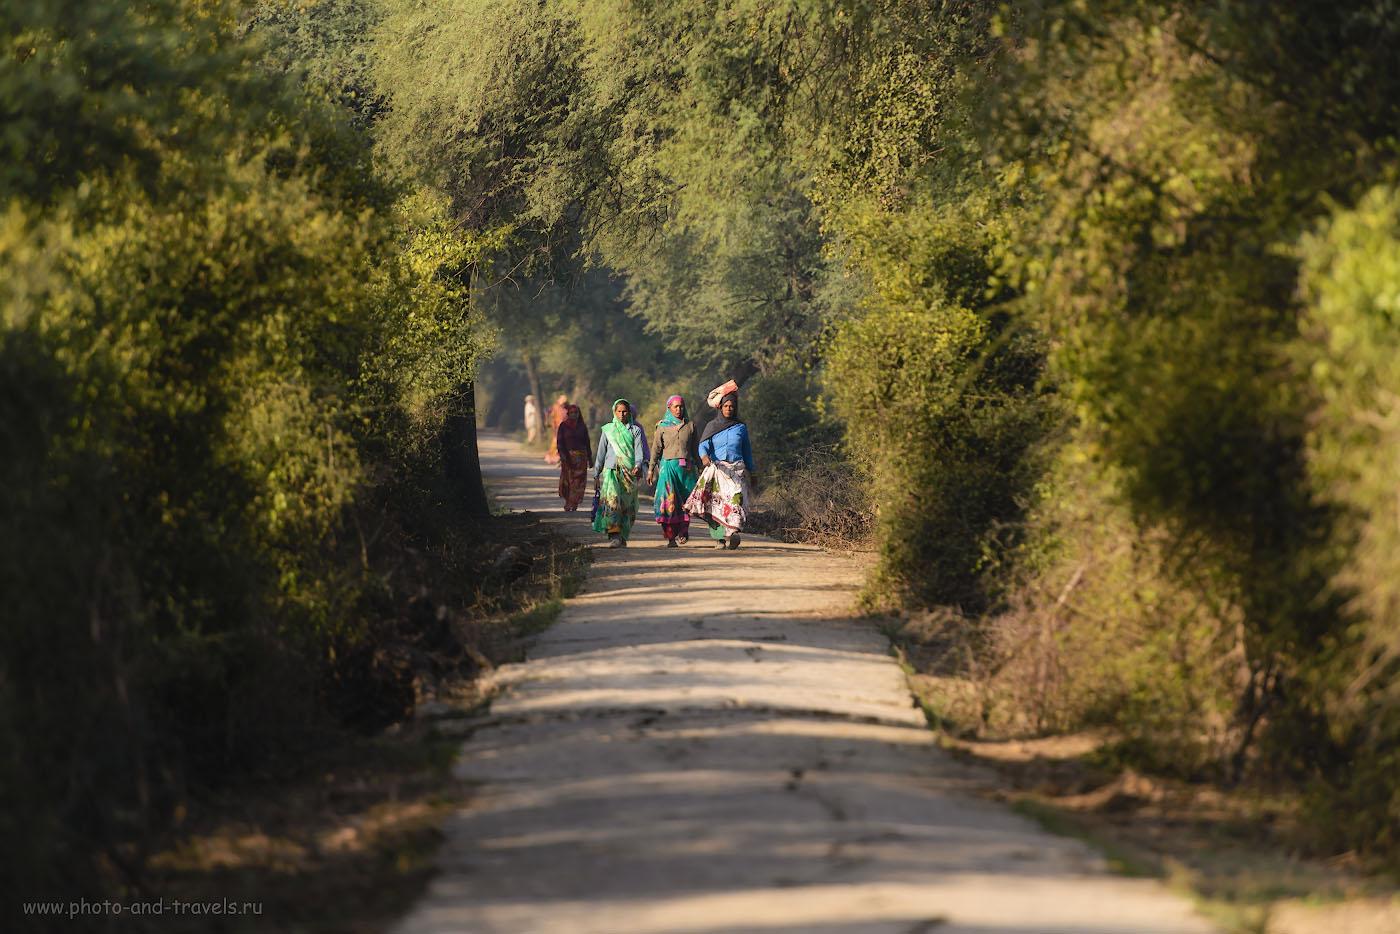 23. Отчет об экскурсии в заповедник Кеоладео самостоятельно. Путешествие в Индию в феврале. 1/1250, 4.0, 500, 280.